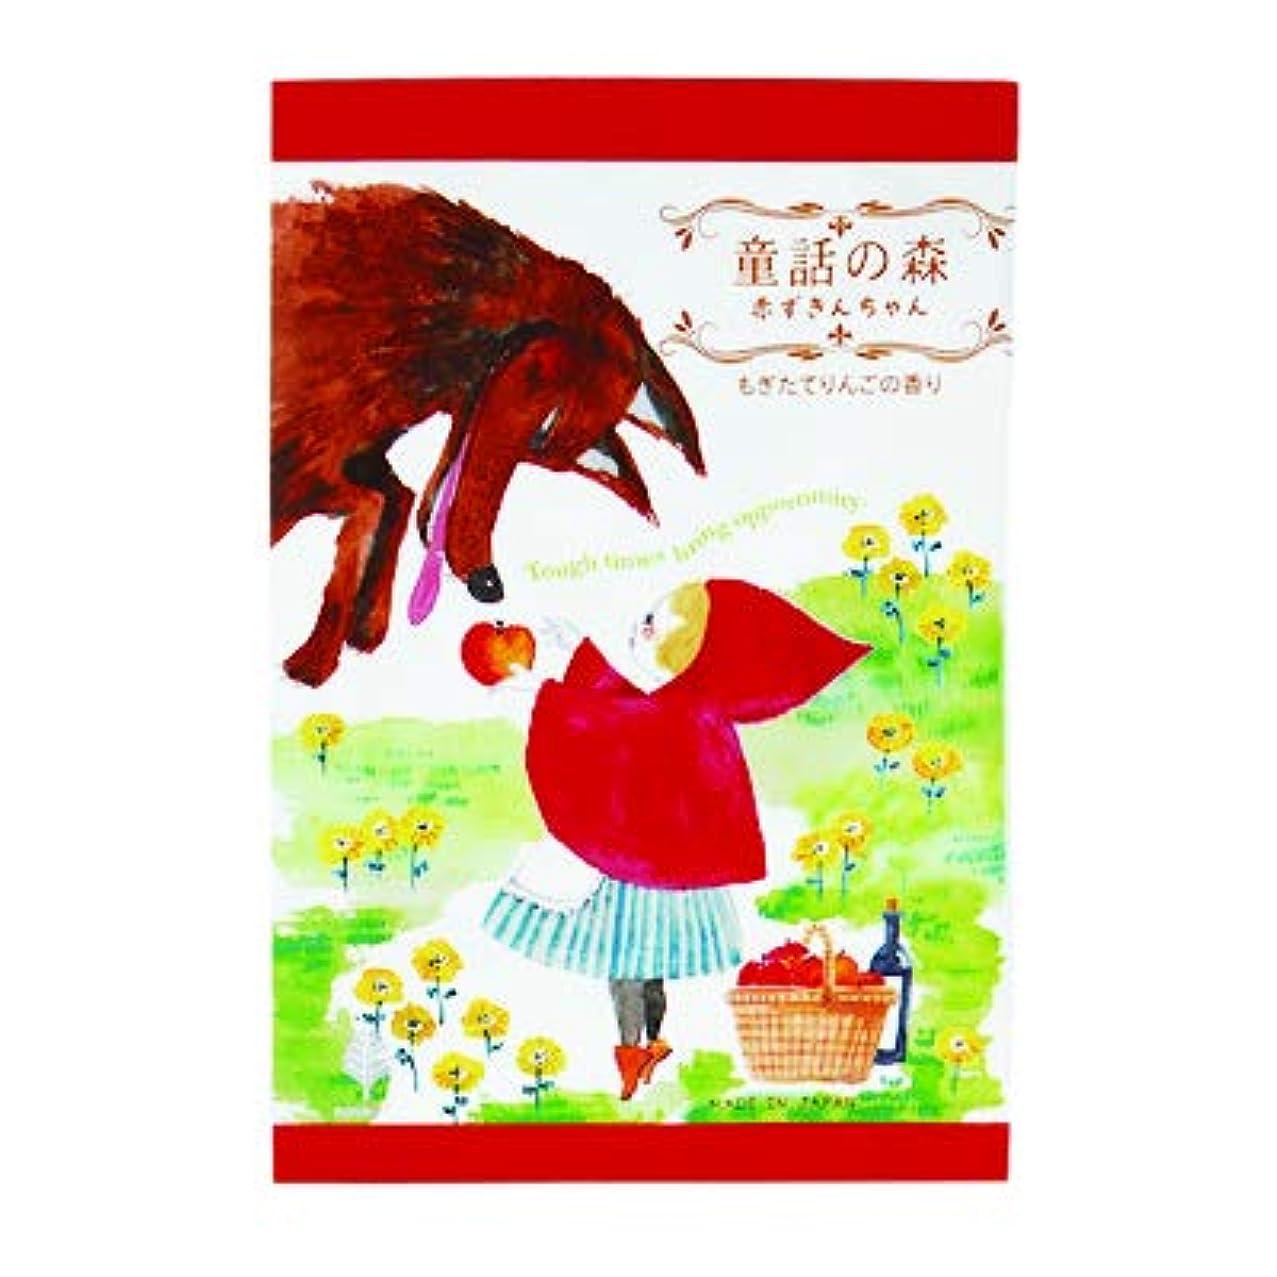 レプリカ尊敬消費する【まとめ買い3個セット】 童話の森 赤ずきんちゃん